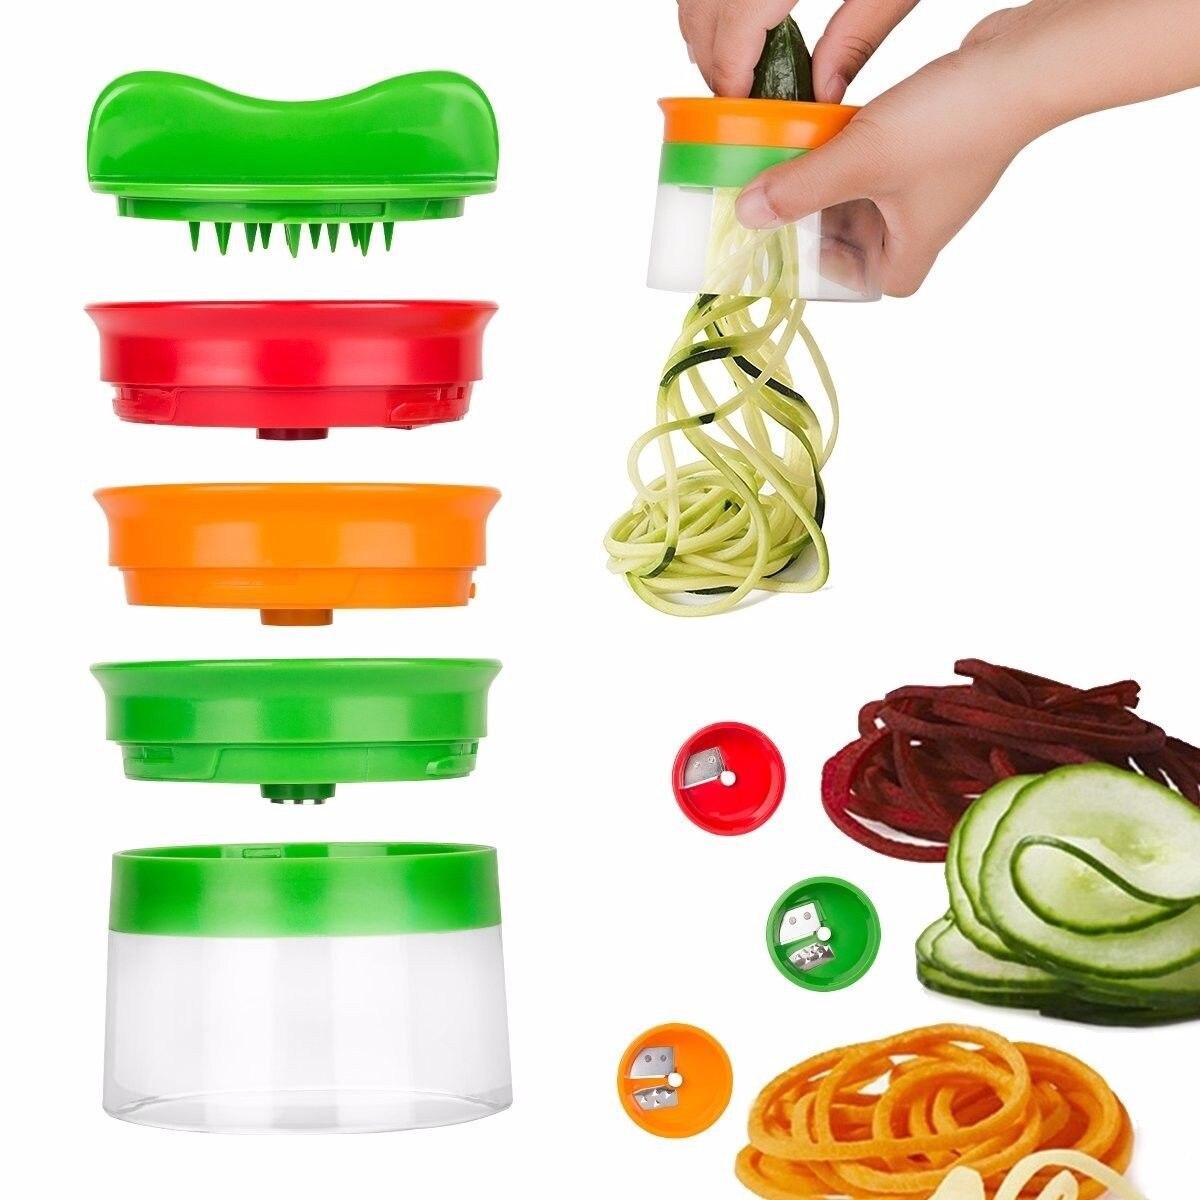 Новая искусственная овощерезка, спиральный измельчитель овощей тёрка для моркови огурец кабачок Zucchini, производитель спагетти, Прямая пост...